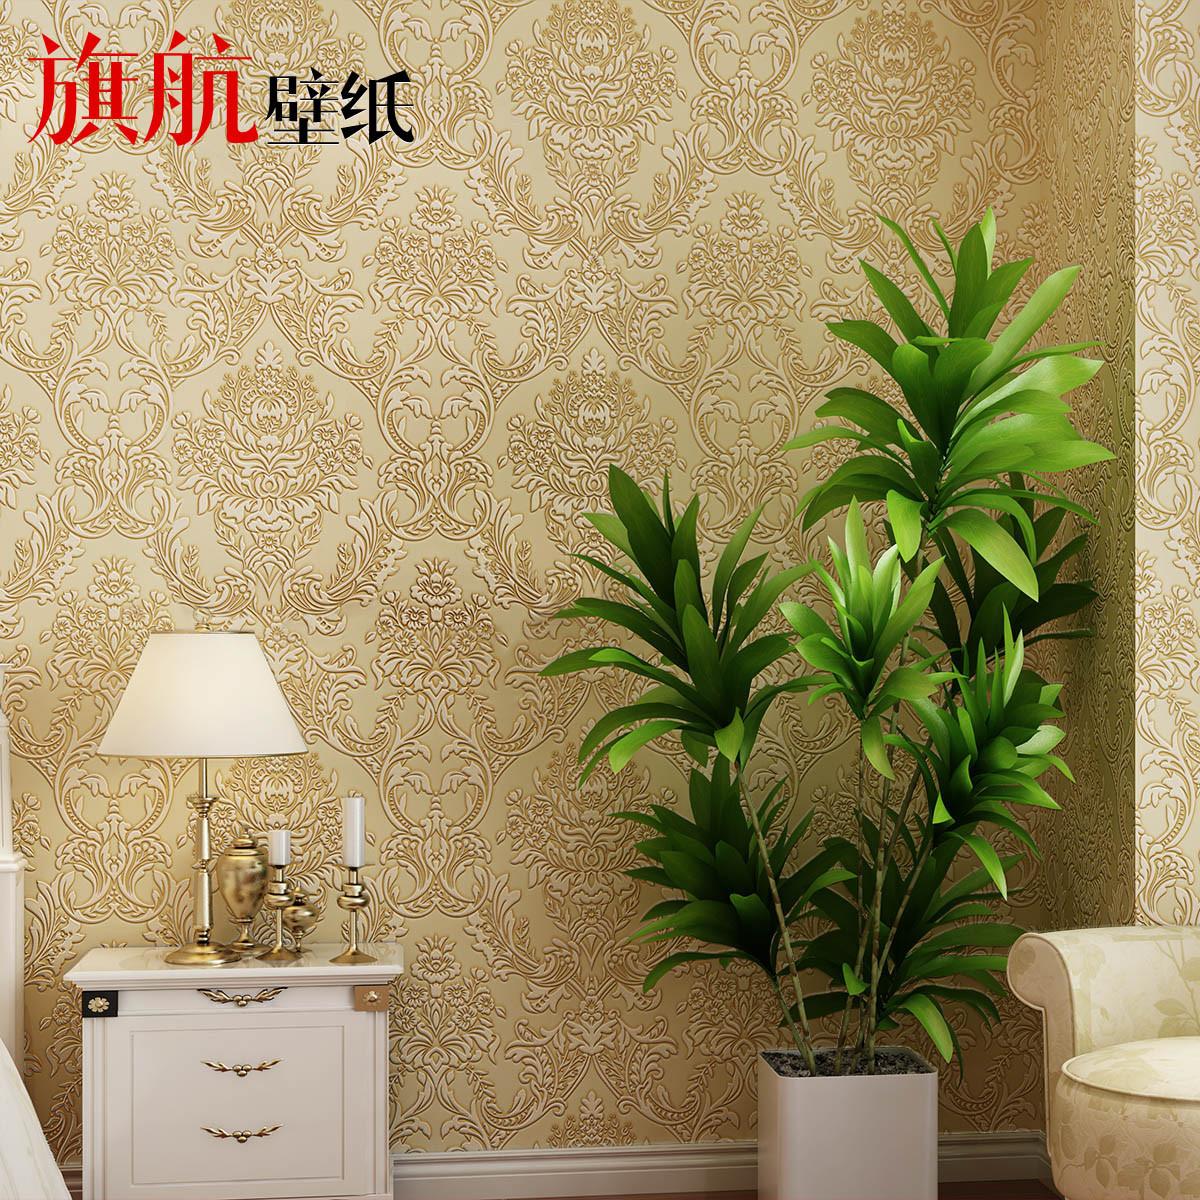 旗航壁纸 浮雕有图案客厅卧室欧式 墙纸